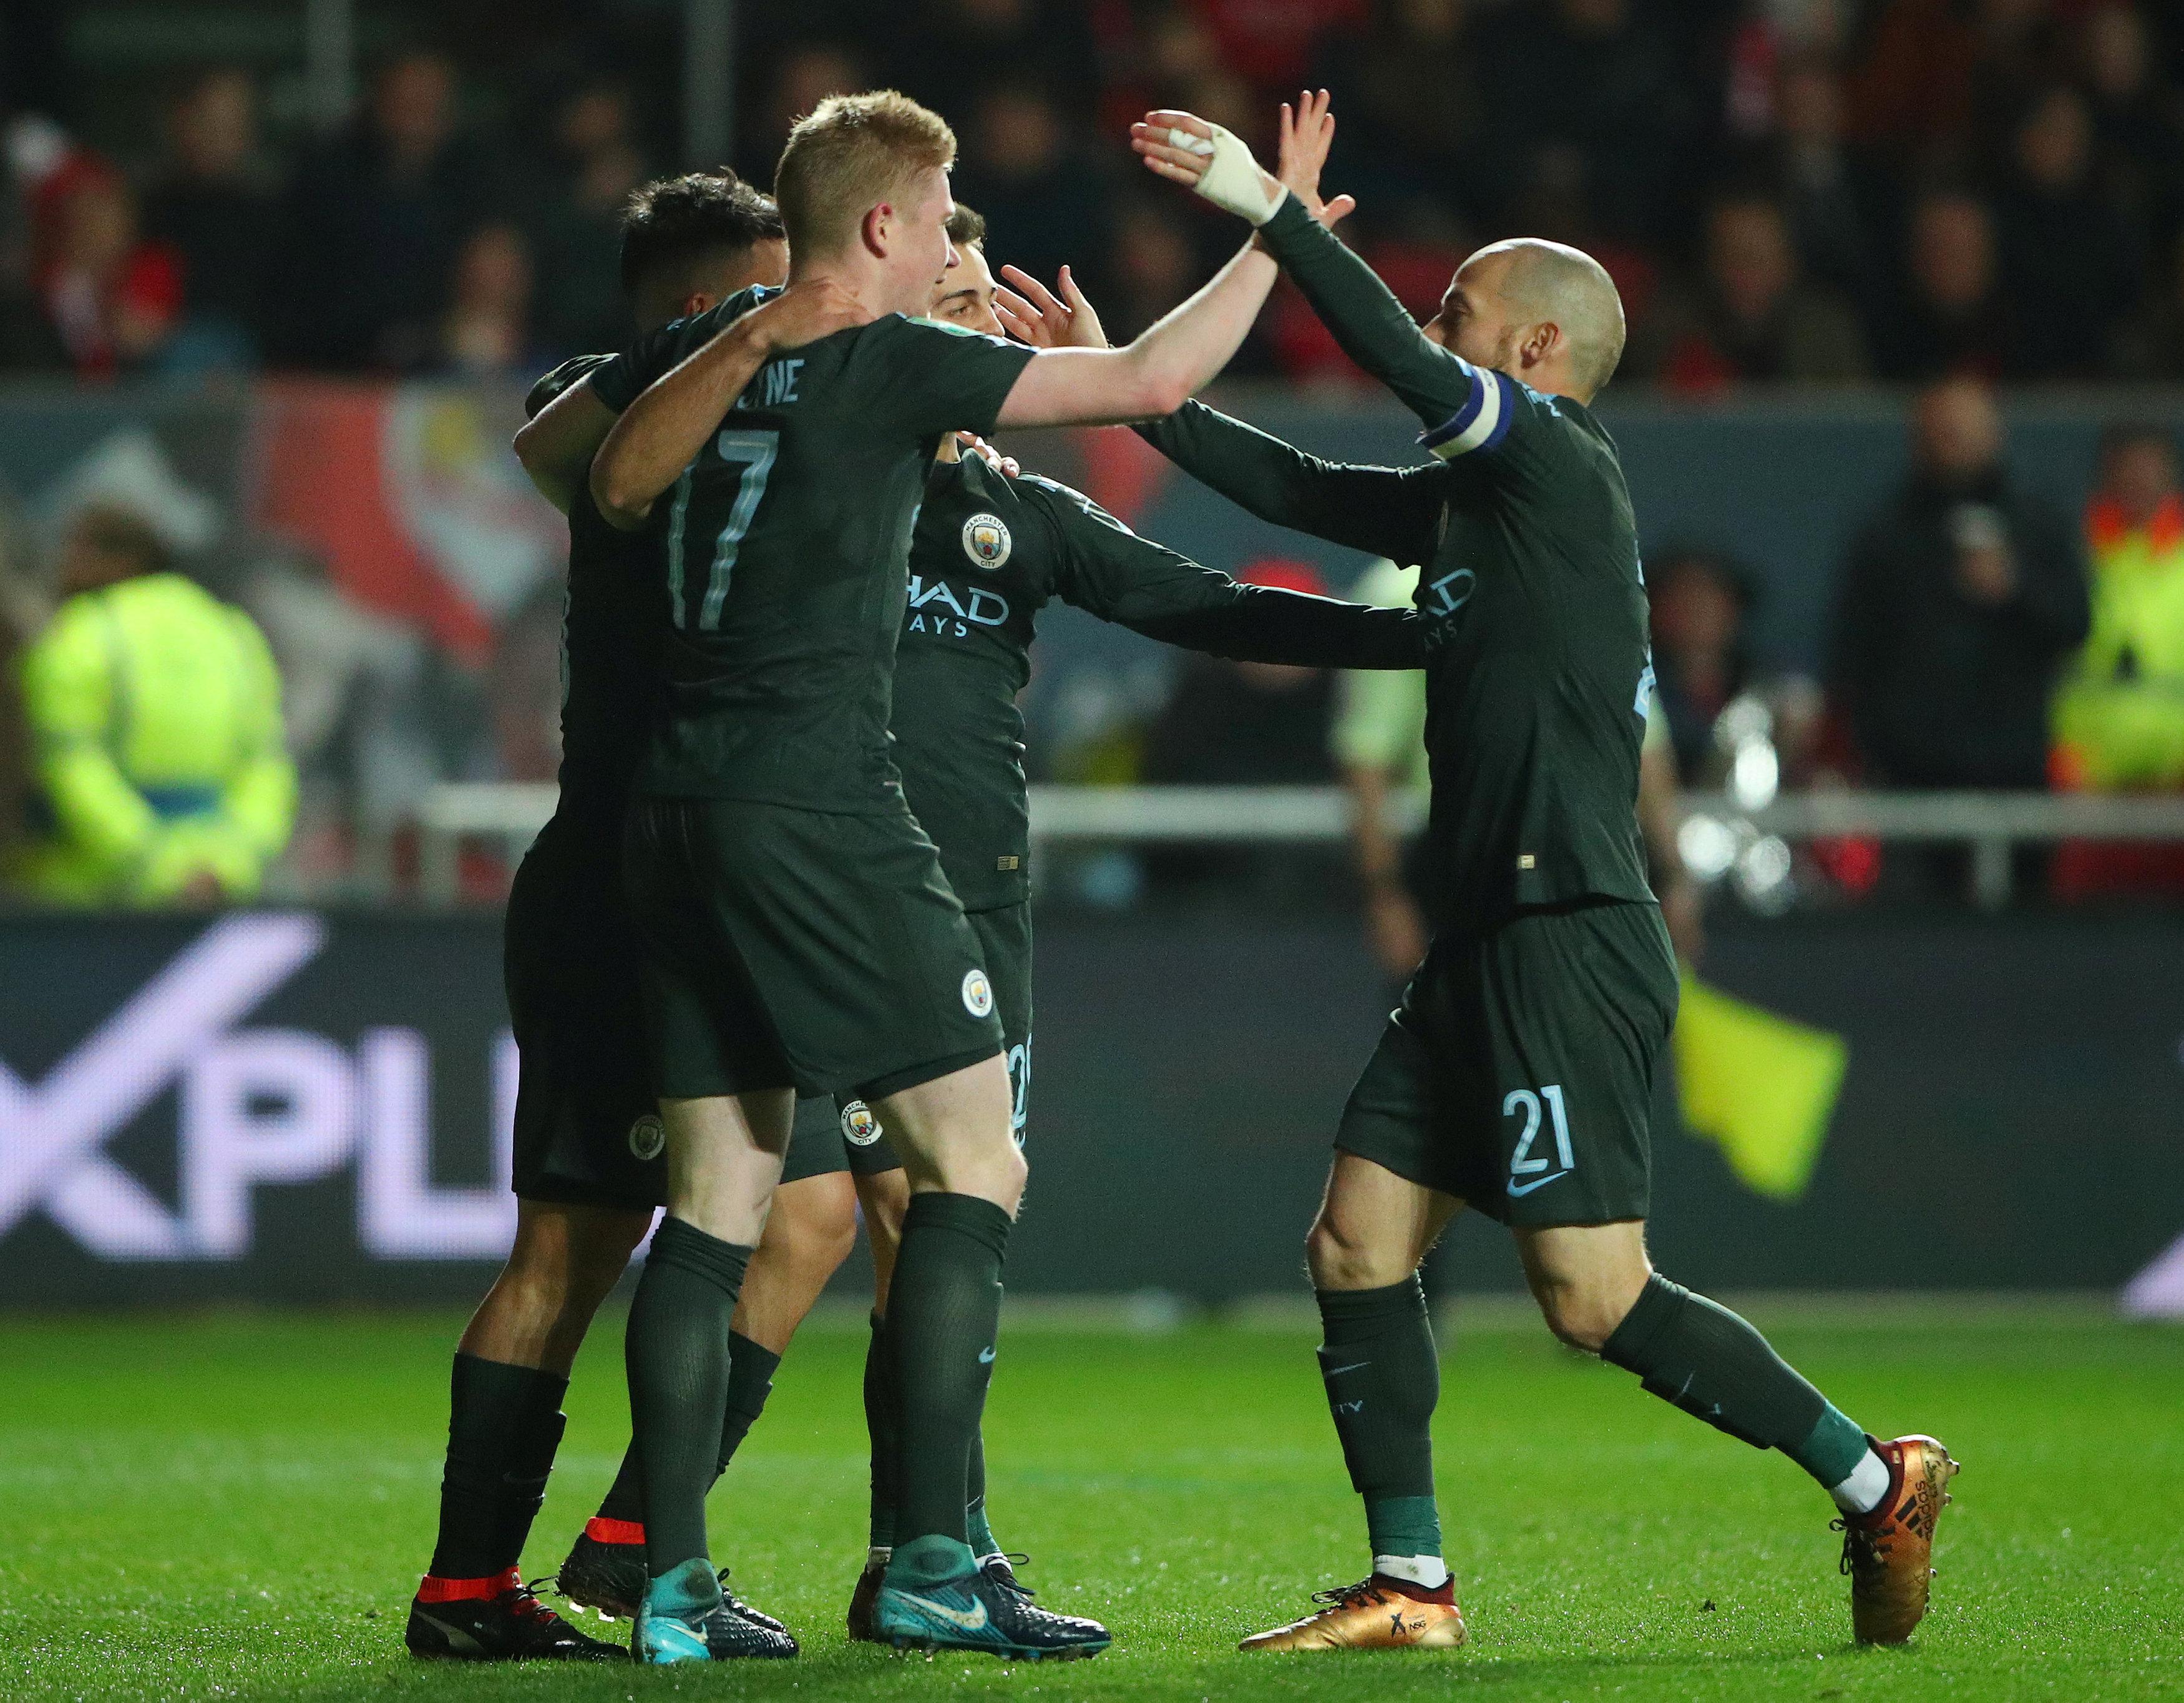 Các cầu thủ M.C ăn mừng bàn nâng tỉ số lên 2-0. Ảnh: REUTERS